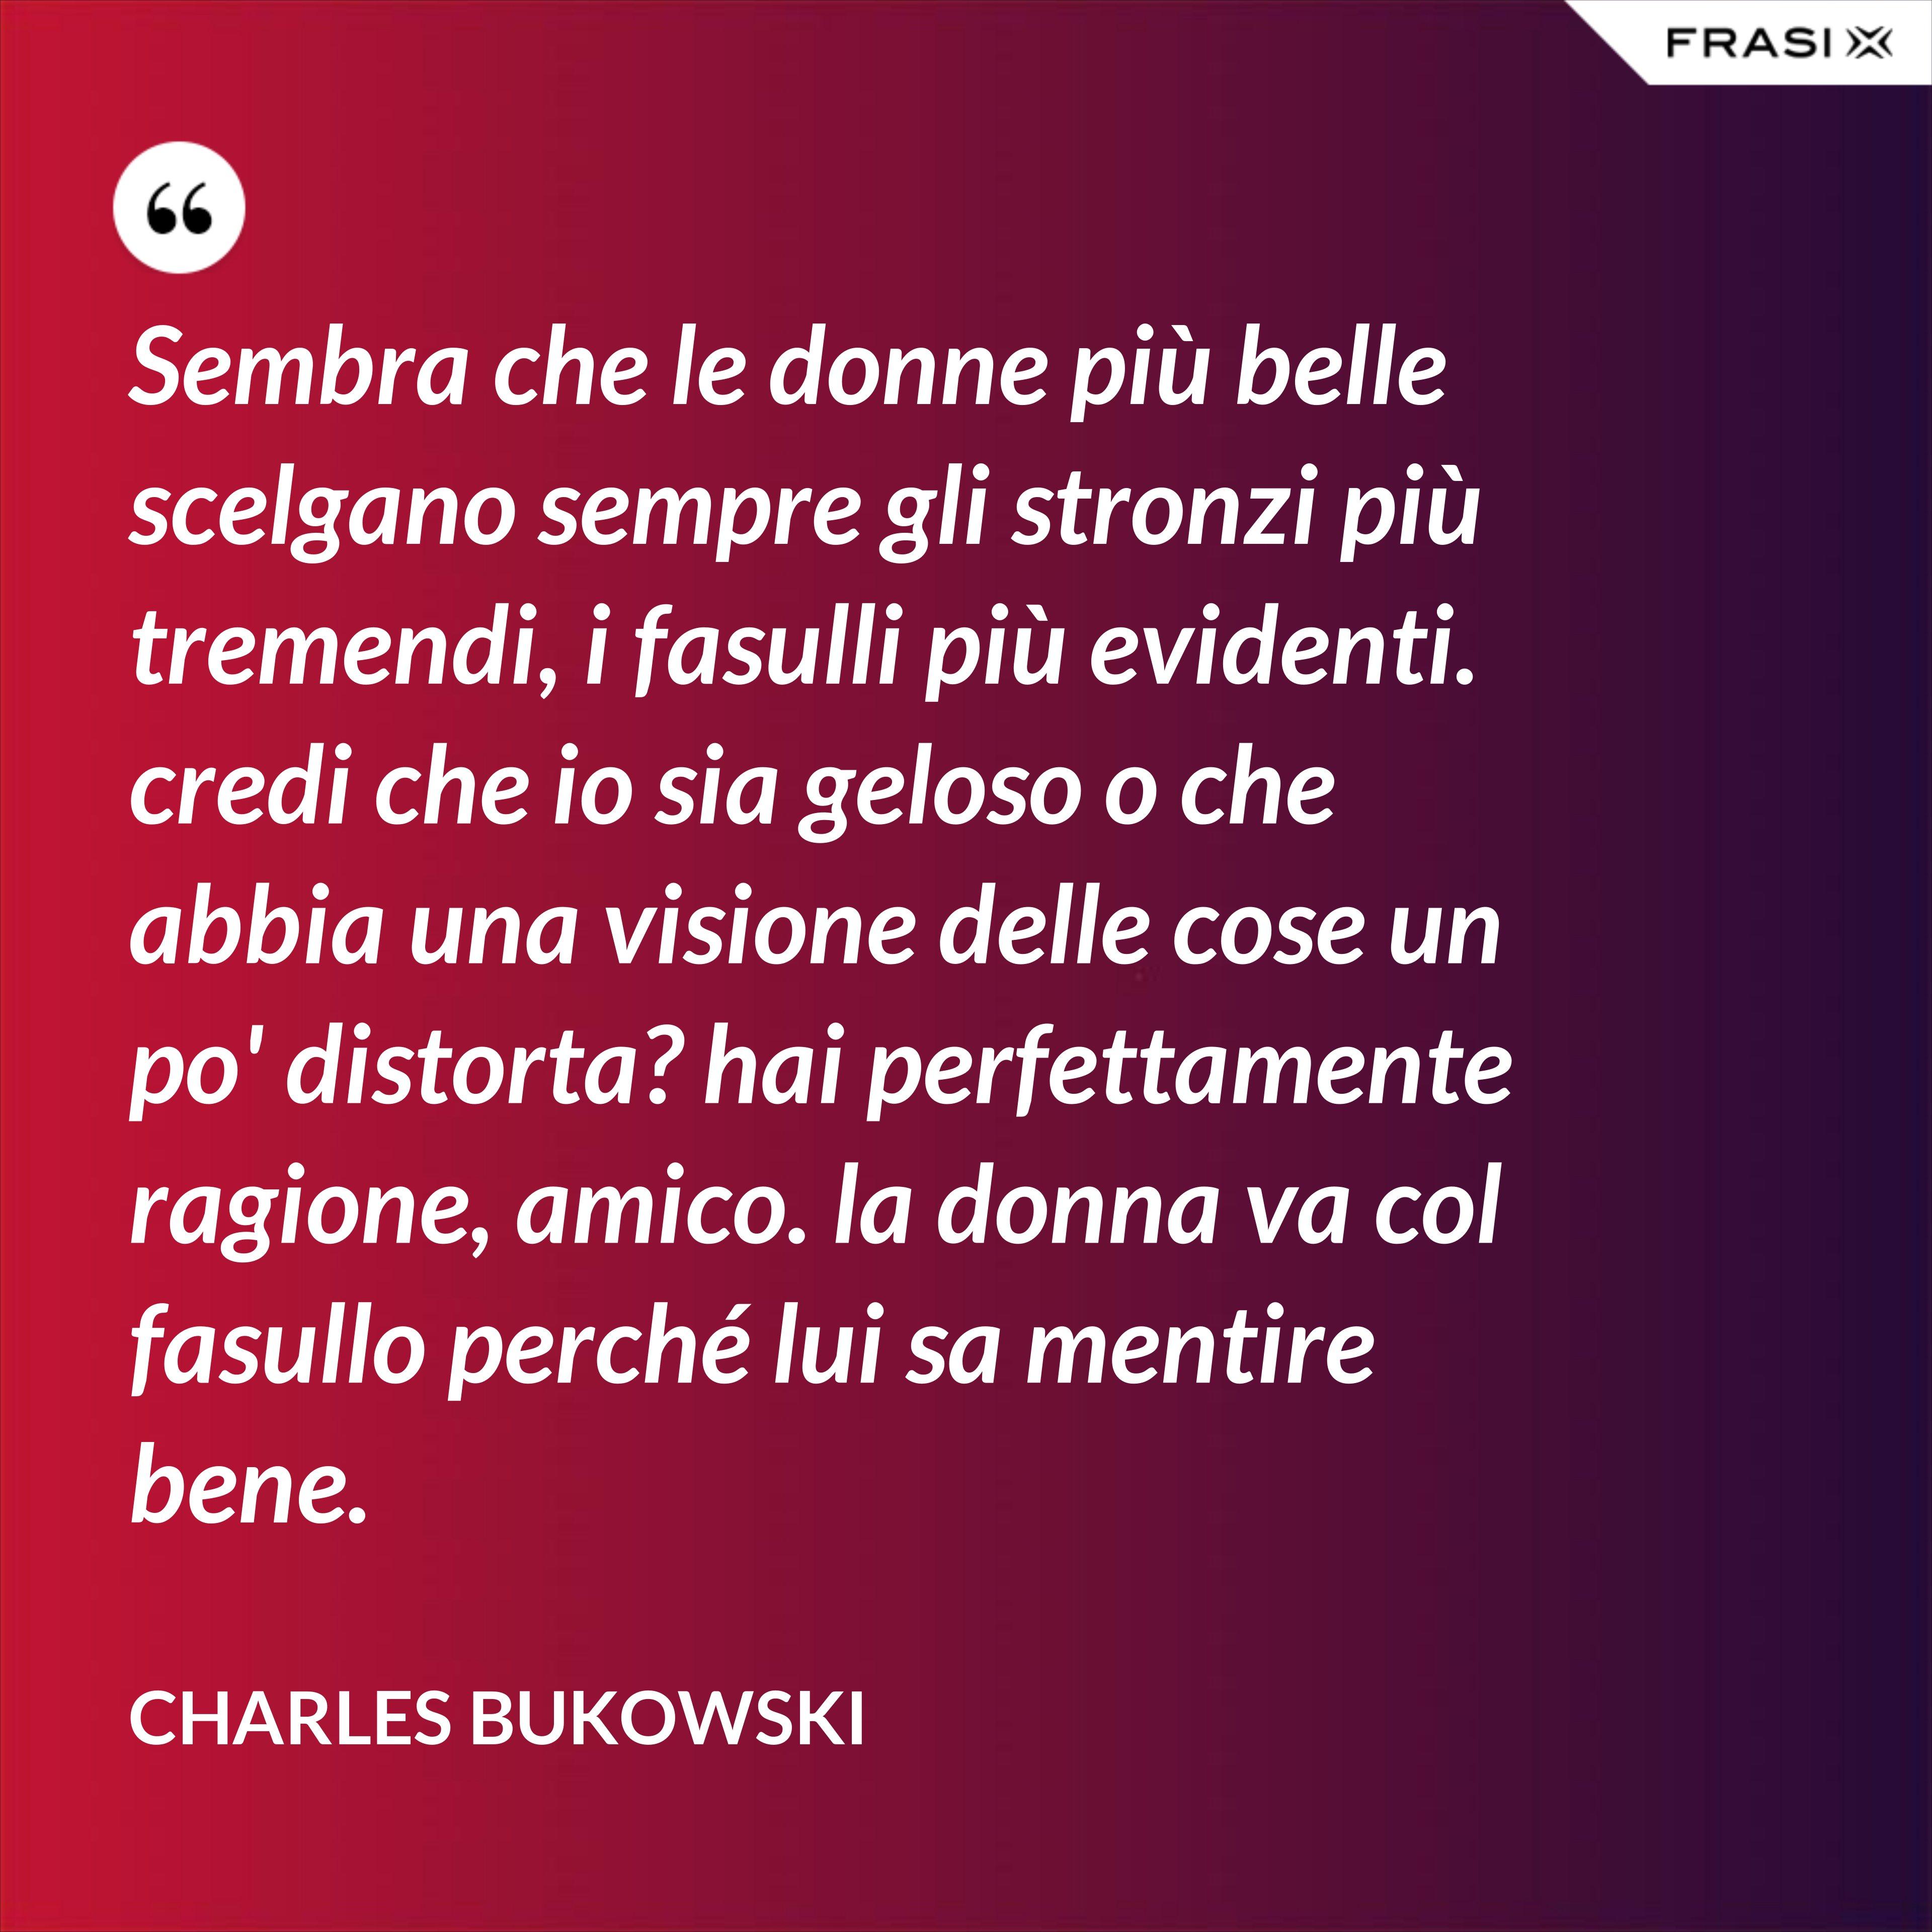 Sembra che le donne più belle scelgano sempre gli stronzi più tremendi, i fasulli più evidenti. credi che io sia geloso o che abbia una visione delle cose un po' distorta? hai perfettamente ragione, amico. la donna va col fasullo perché lui sa mentire bene. - Charles Bukowski